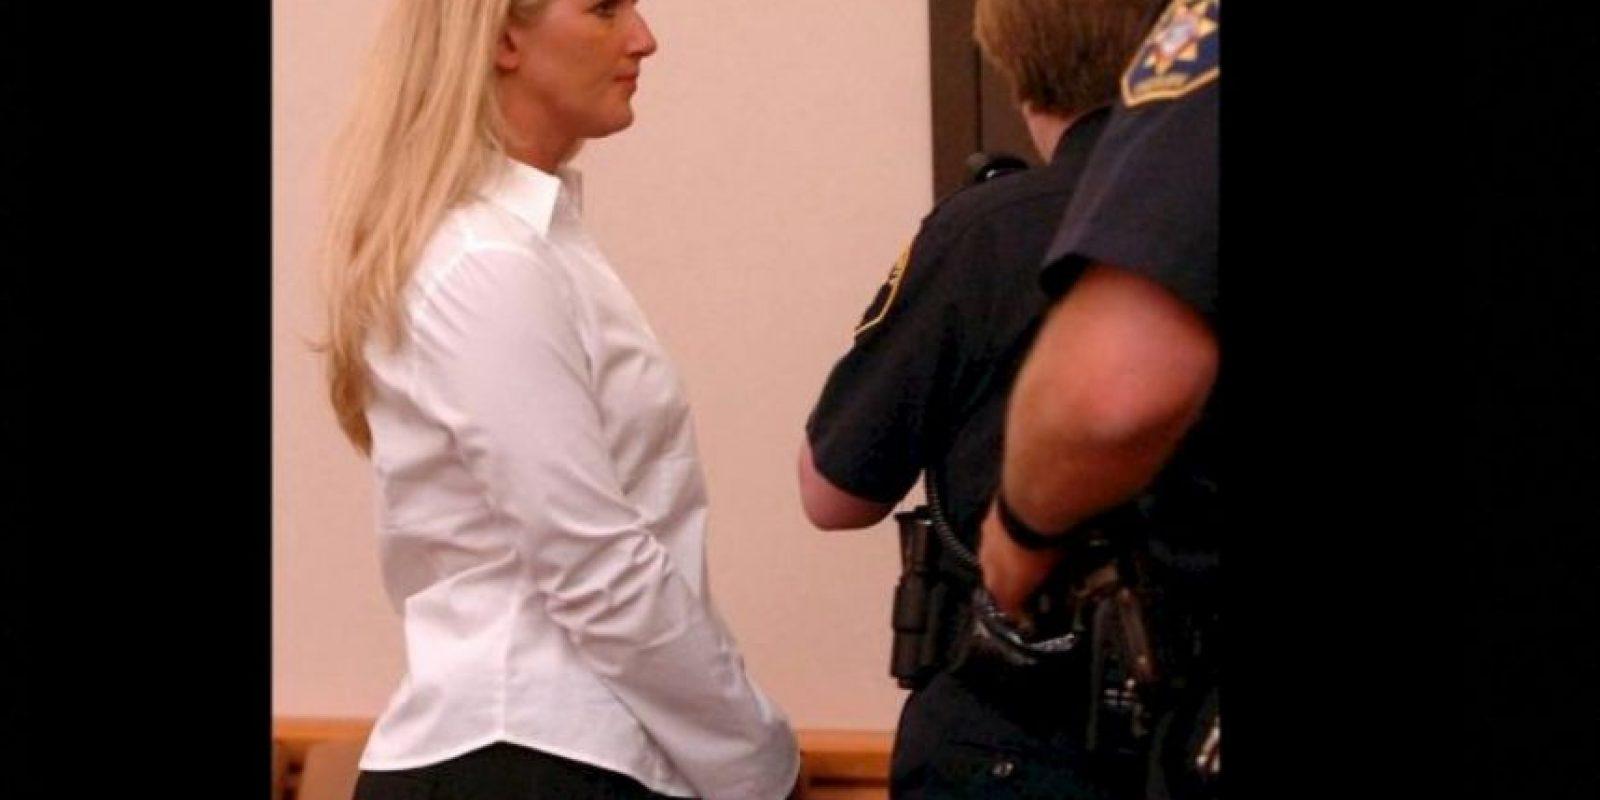 Carrie McCandle se acostó con un estudiante pero fue arrestada por posesión de drogas. Foto:AP